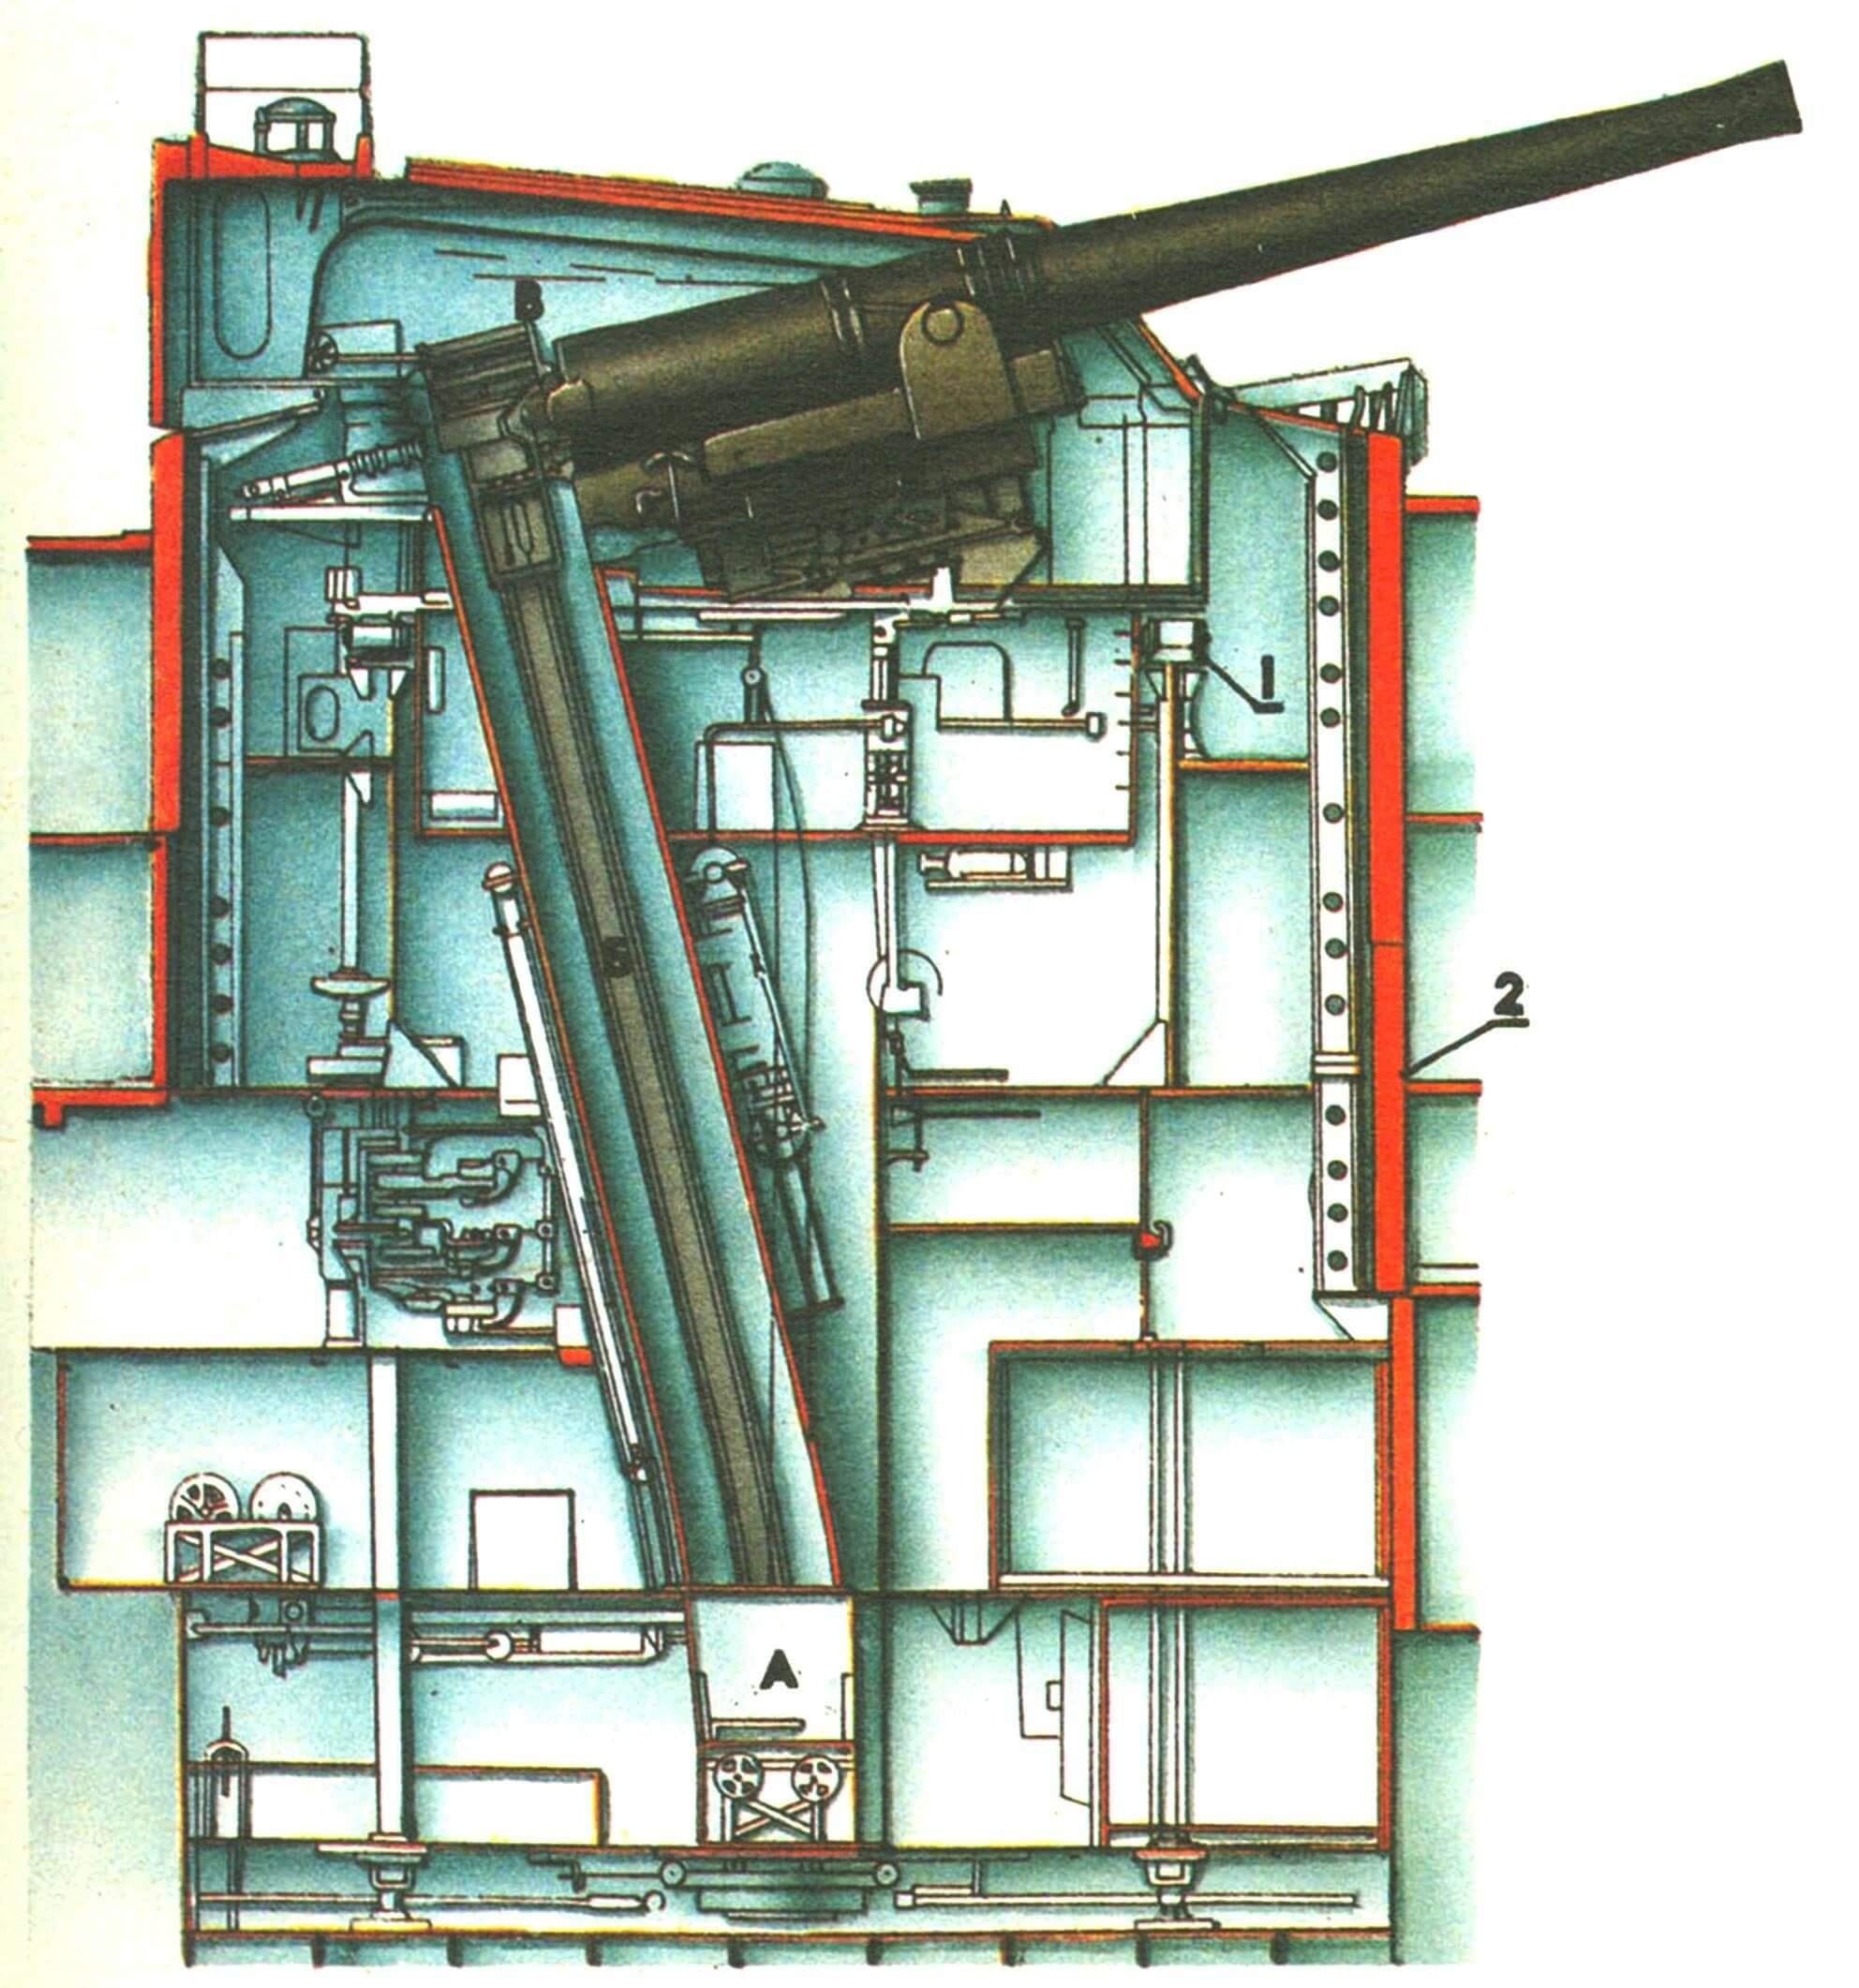 305-мм башенная артиллерийская установка броненосца «Альбион» (Англия, 1899 г.). Схема башни стала классической и оставалась практически неизменной для || всех крупных кораблей вплоть до 1945 г. А — перегрузочное отделение, Б — элеватор подачи боеза паса, В — вращающаяся часть башни; 1 — роликовый погон 2 — броня неподвижного барбета.